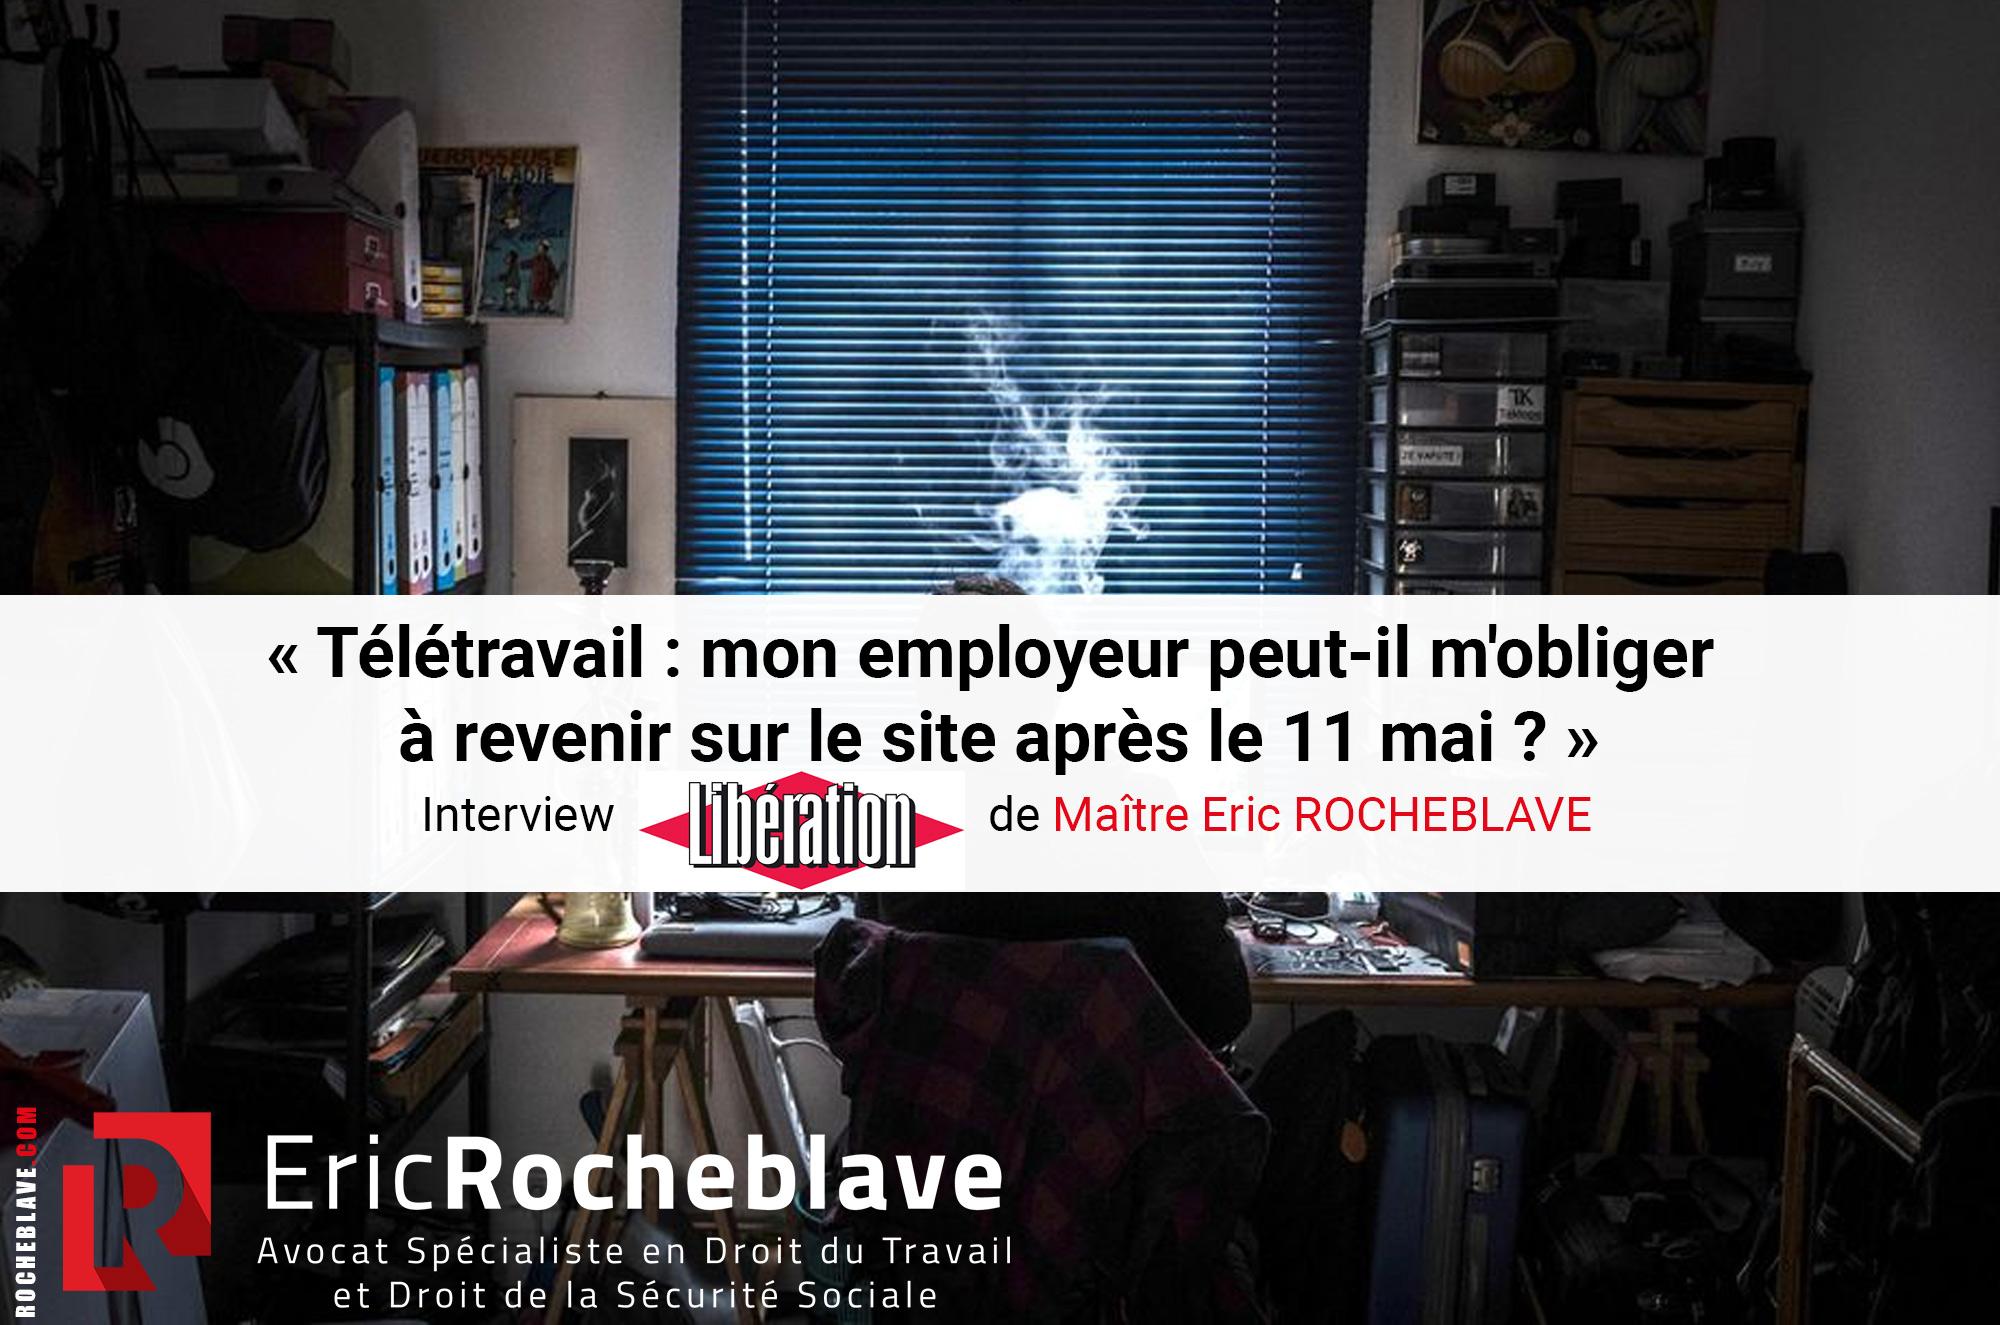 « Télétravail : mon employeur peut-il m'obliger à revenir sur le site après le 11 mai ? » Interview Libération de Maître Eric ROCHEBLAVE